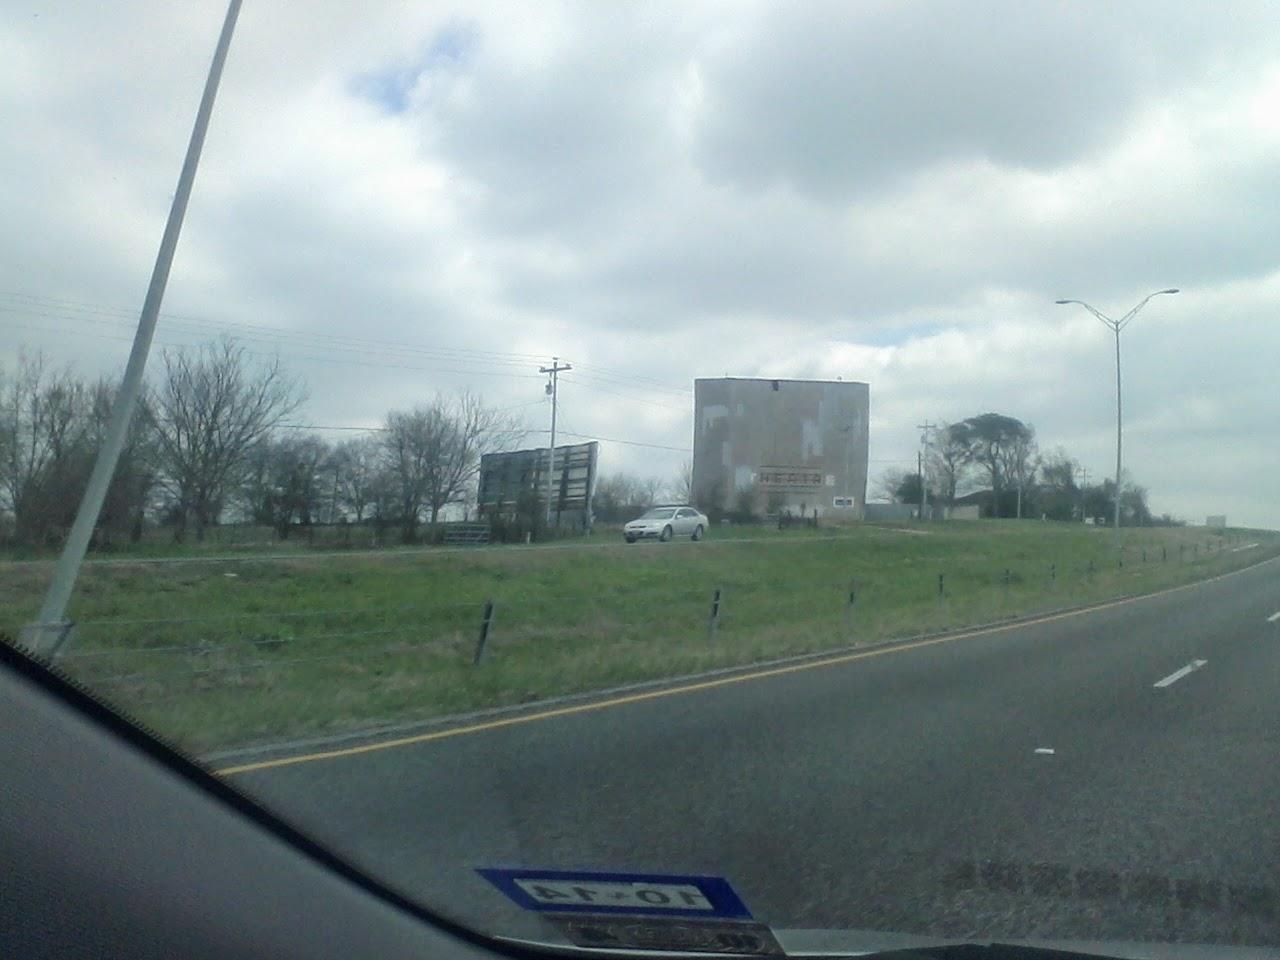 Austin, Texas for SXSWedu - 0306120520.jpg